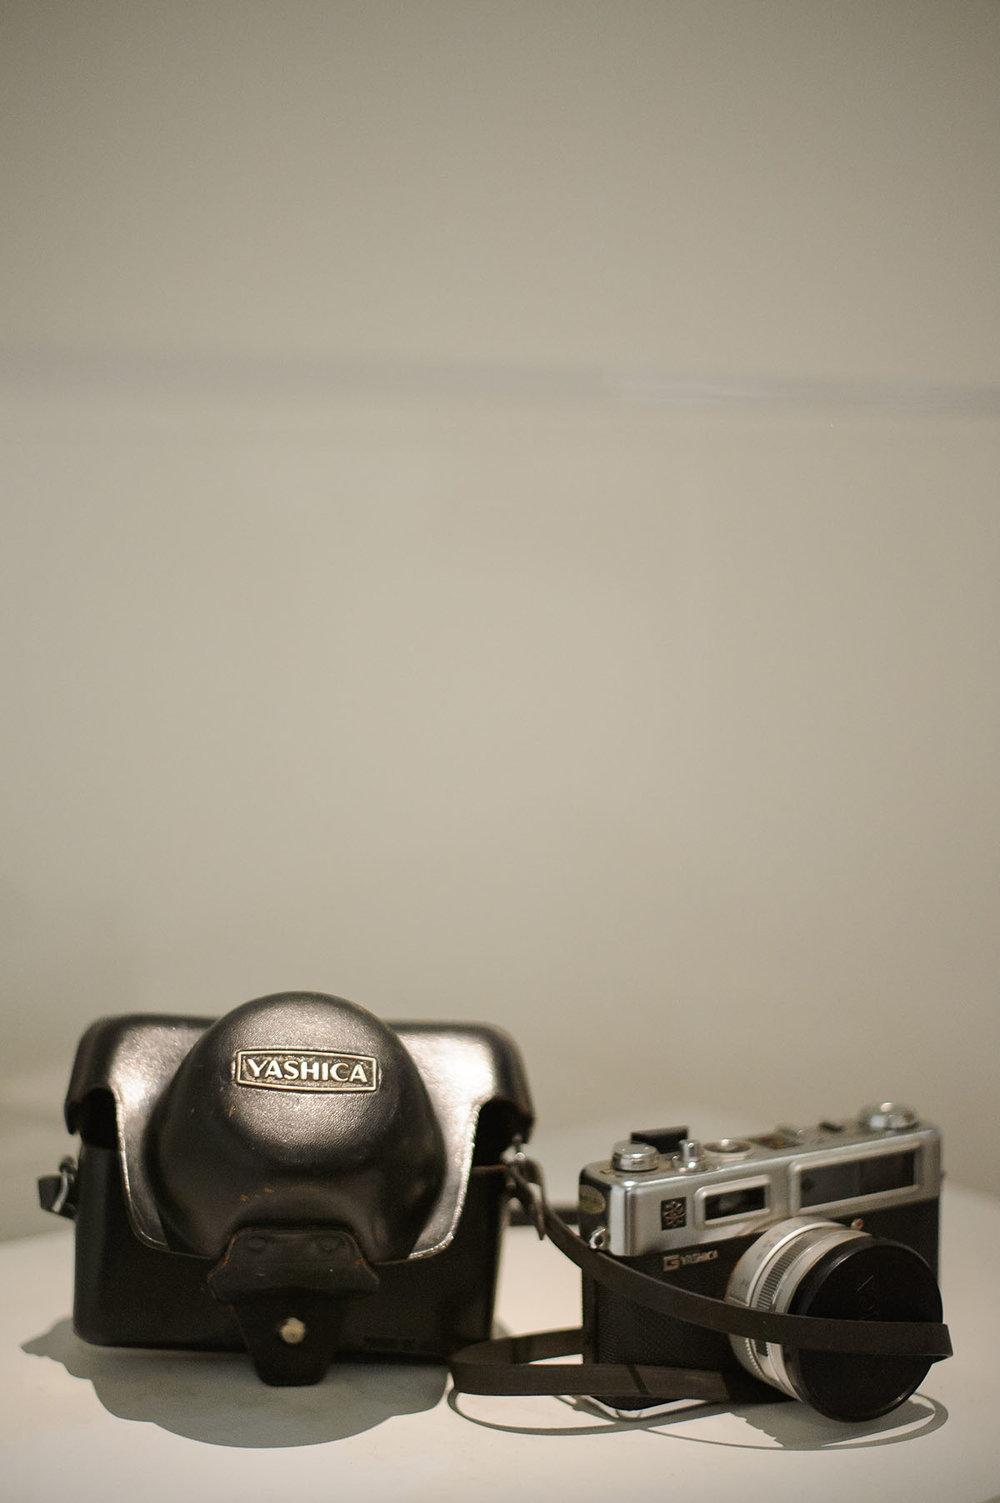 Naeem Mohaiemen 5 (Image SAM).jpg